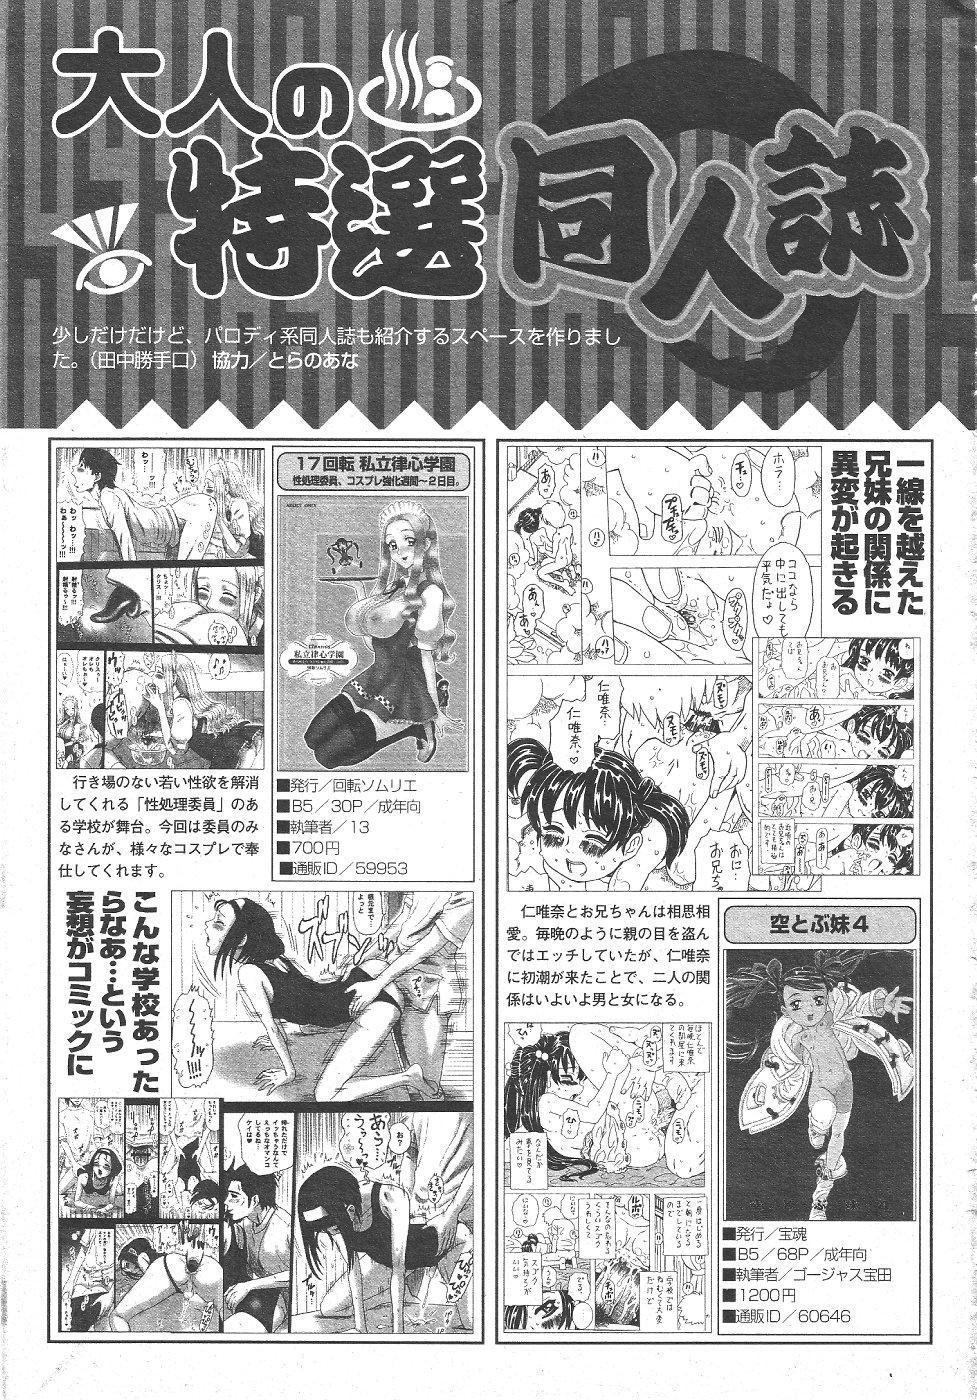 Gekkan Comic Muga 2004-06 Vol.10 408